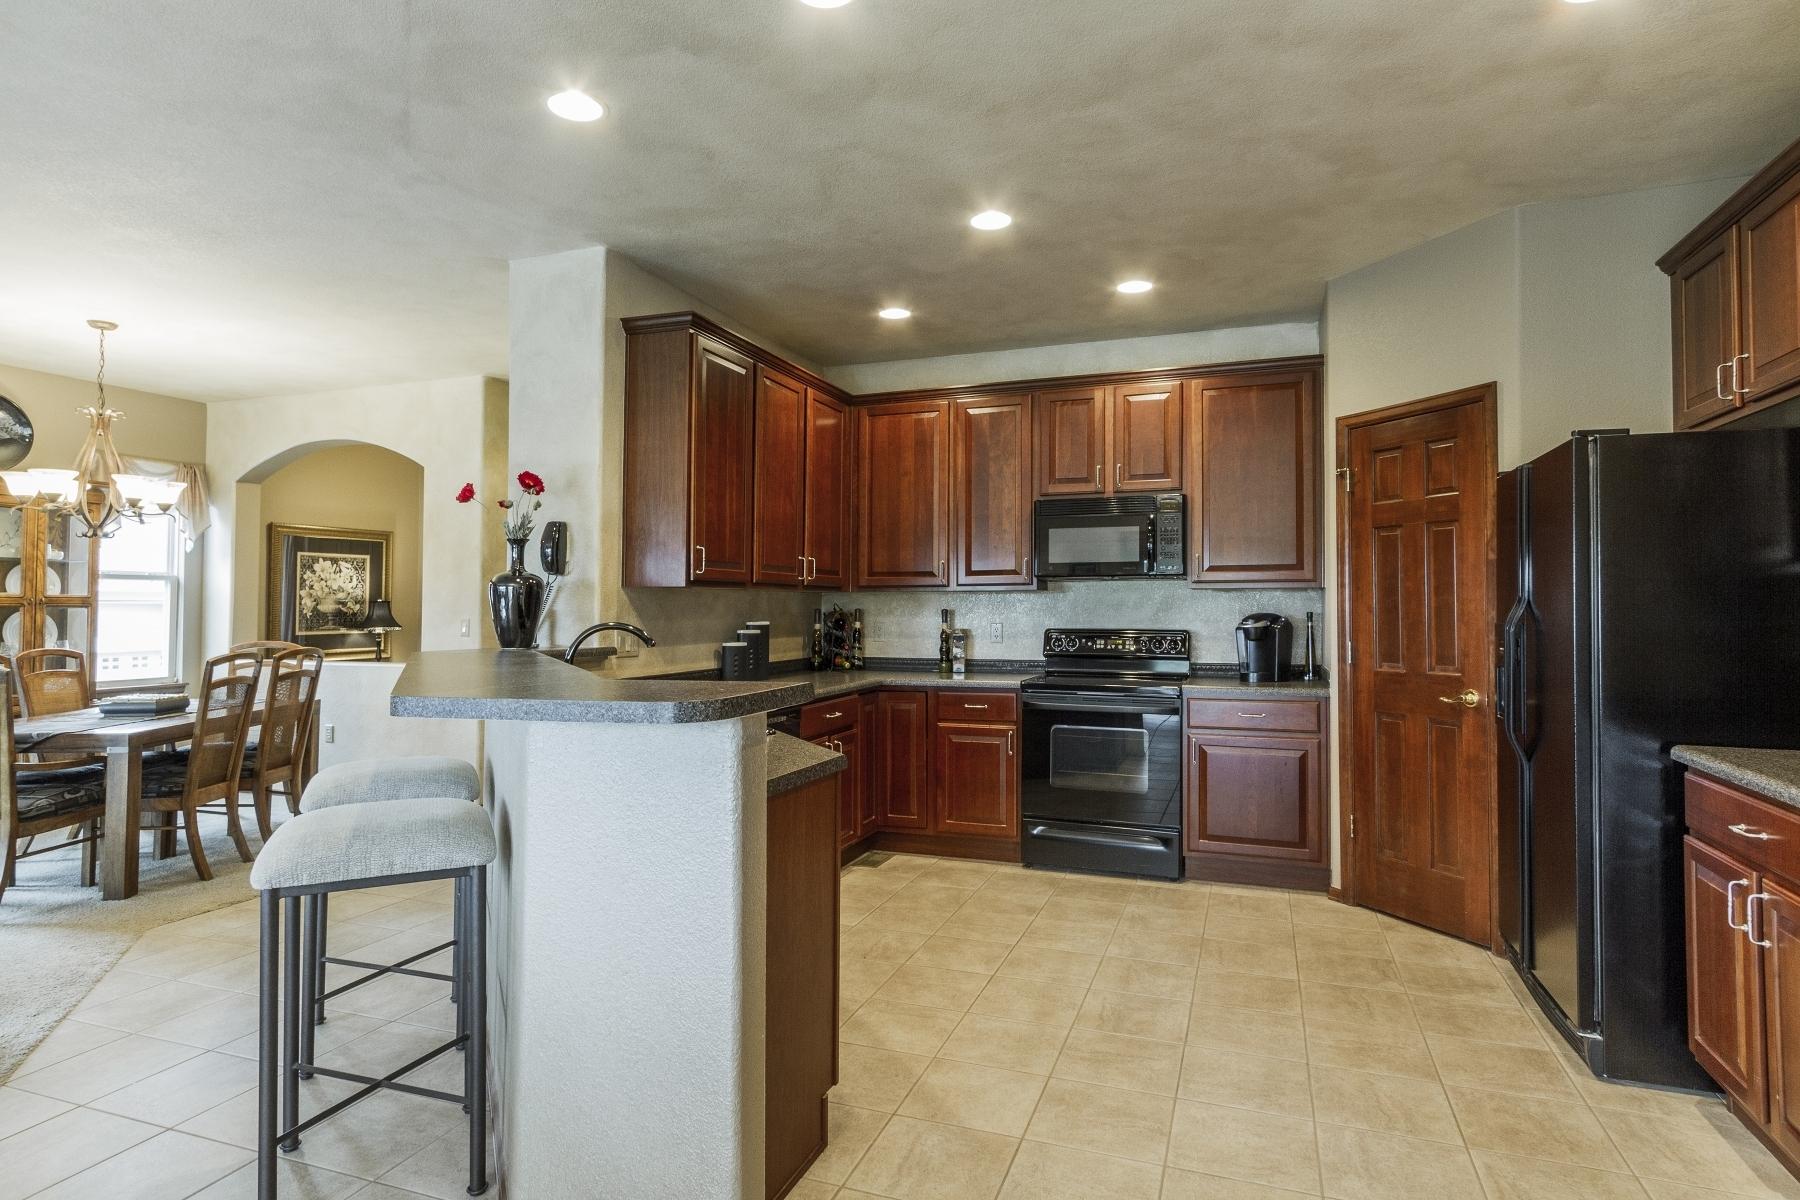 Kitchen_1800x1200_2762638.jpg